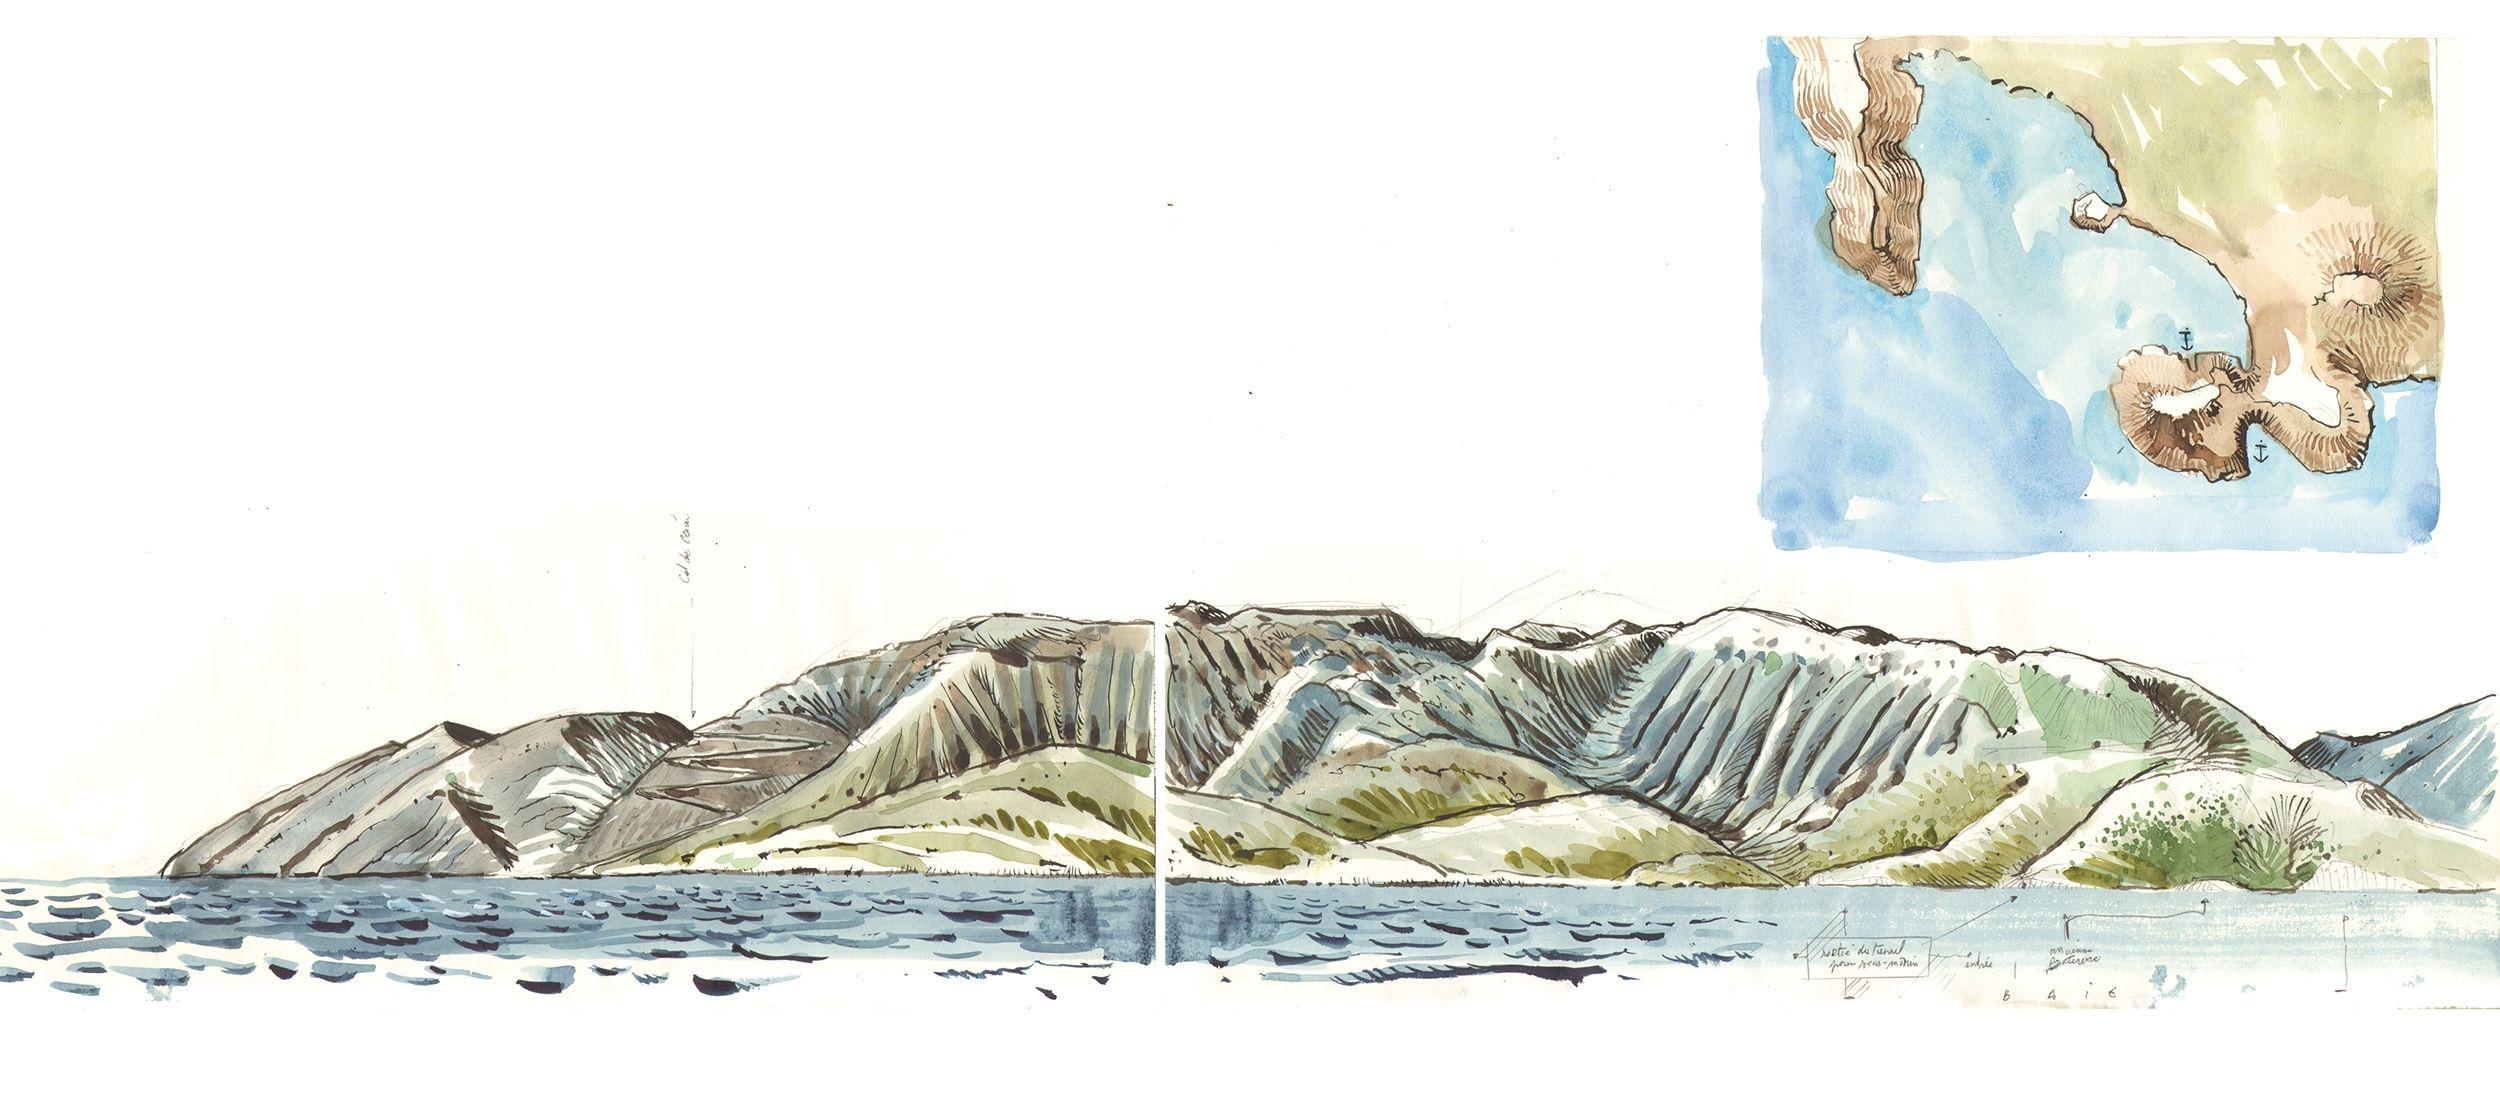 Dessin d'Antoine Bugeon qui représente parfaitement l'impressionnante chaîne de montagnes Albanaises, dont les pentes abruptes se jettent littéralement dans la mer. En haut à droite, le mouillage de Porto Palermo, dernier abri avant Oricum © Octopus Foundation